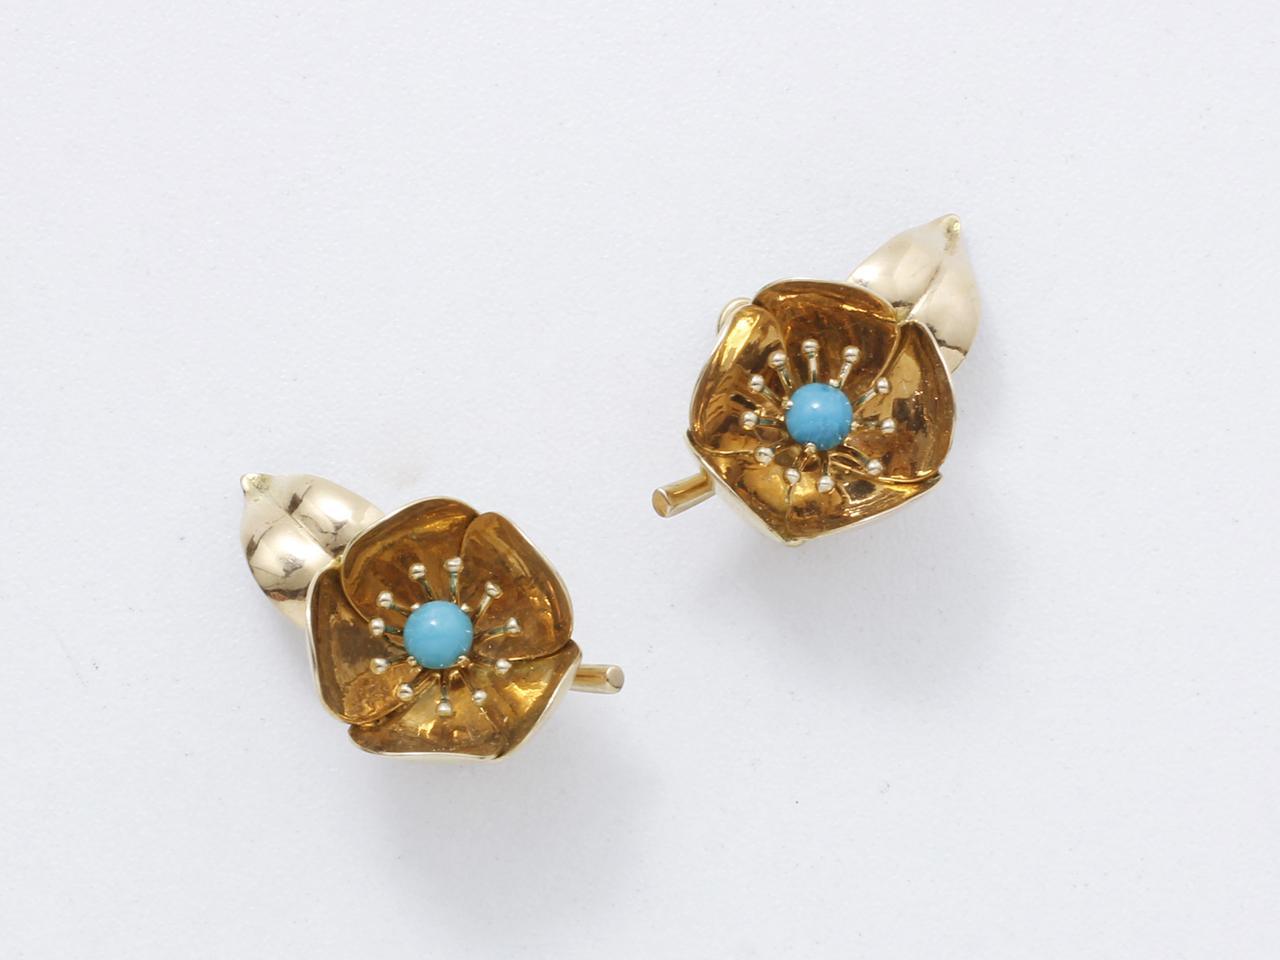 Lot 47 - Demi-parure en or 750 millièmes, composé d'une broche et d'une paire de clips [...]